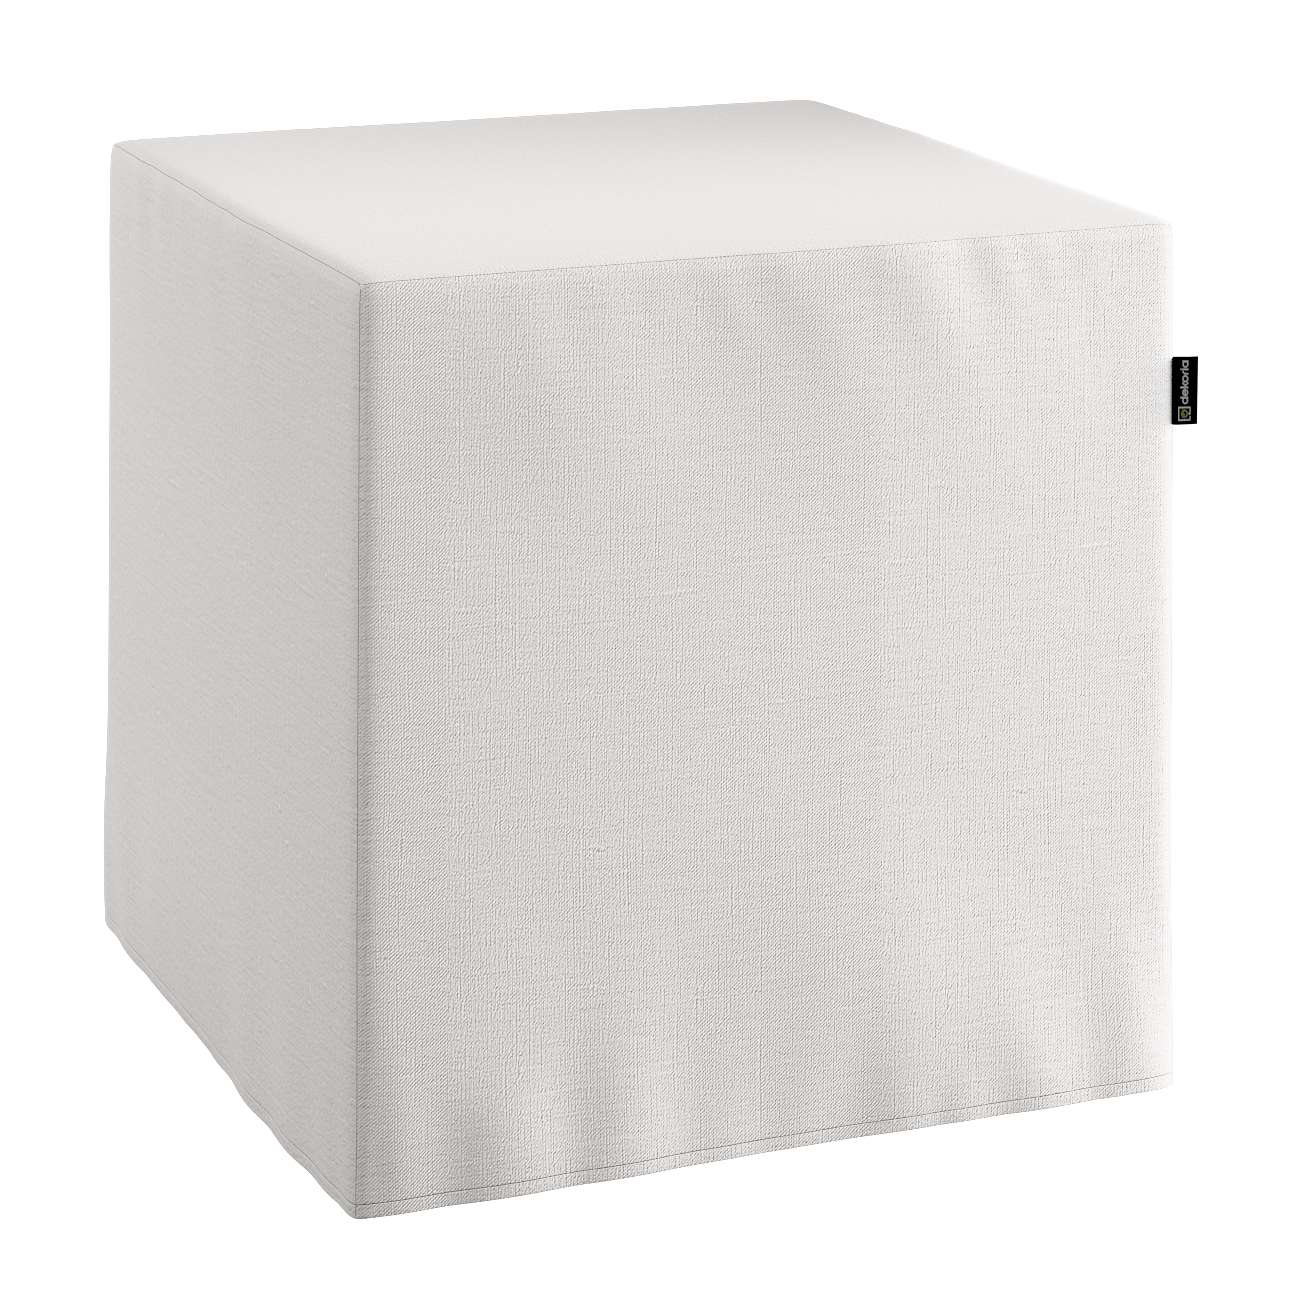 Bezug für Sitzwürfel Bezug für Sitzwürfel 40x40x40 cm von der Kollektion Leinen, Stoff: 392-04